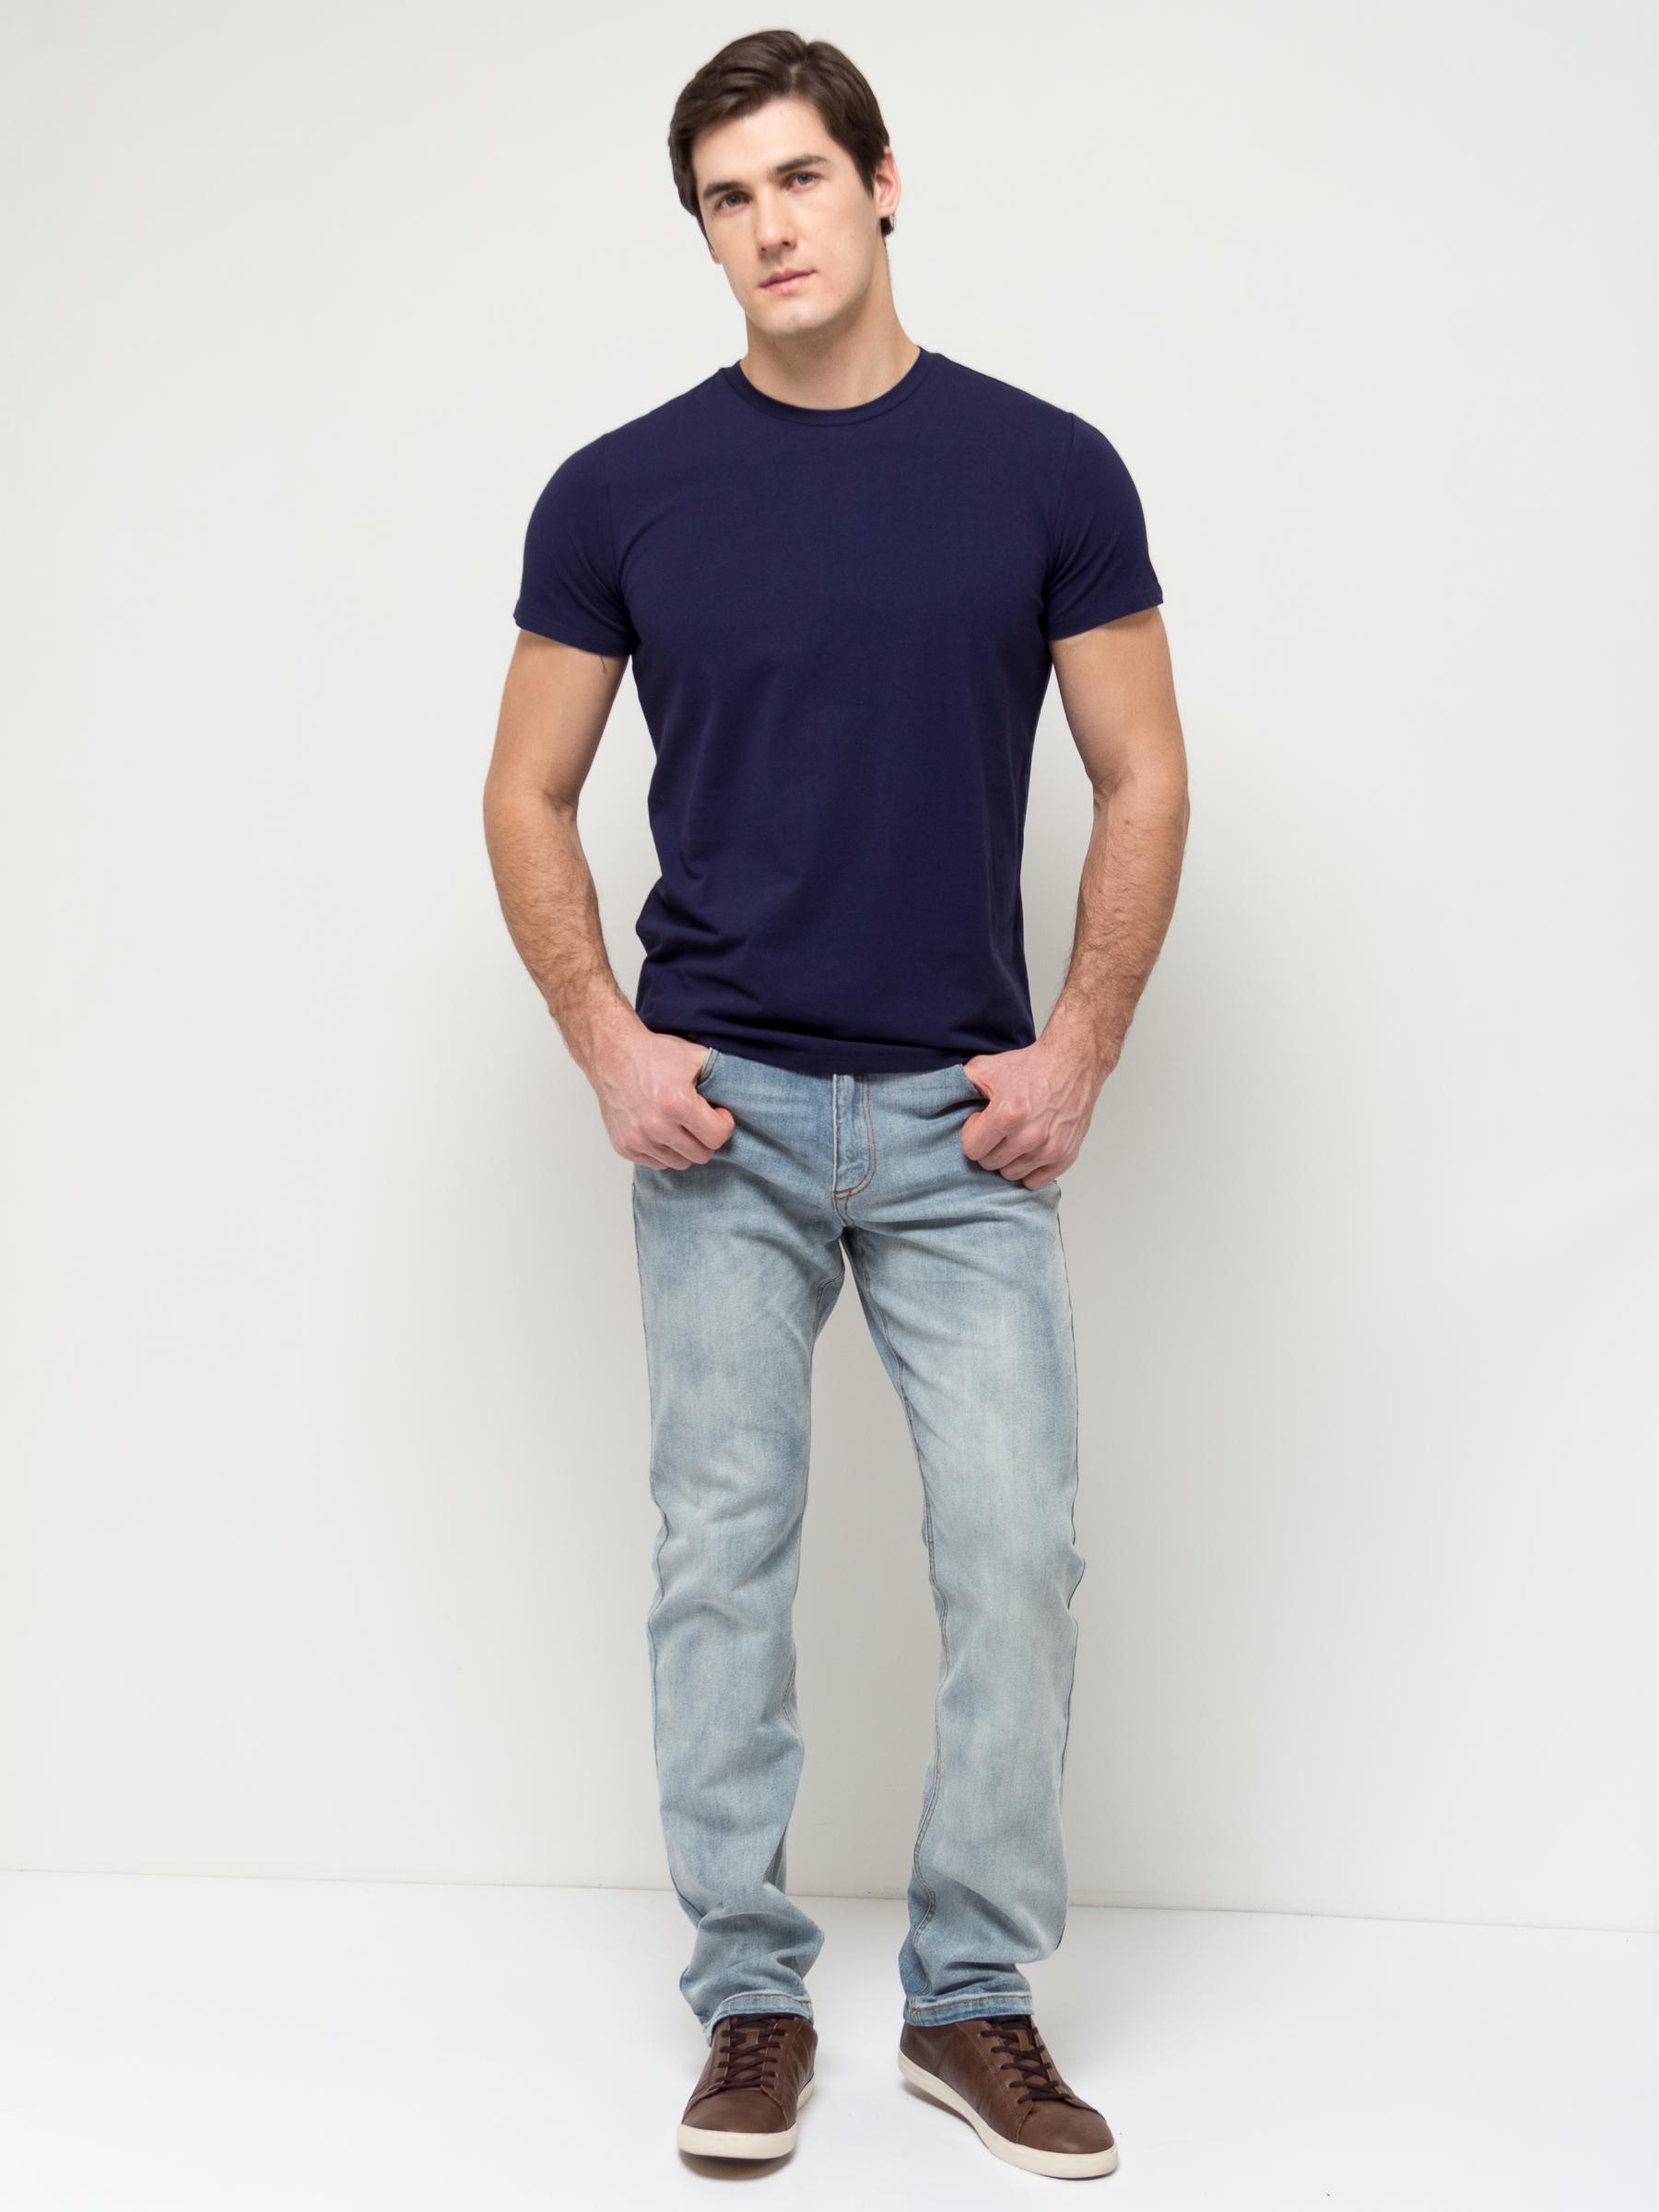 Джинсы мужские Sela, цвет: голубой джинс. PJ-235/1071-7152. Размер 28-32 (44-32)PJ-235/1071-7152Стильные мужские джинсы Sela, изготовленные из качественного эластичного хлопка с потертостями, станут отличным дополнением гардероба. Джинсы зауженного кроя и стандартной посадки на талии застегиваются на застежку-молнию и пуговицу. На поясе имеются шлевки для ремня. Модель представляет собой классическую пятикарманку: два втачных и накладной карманы спереди и два накладных кармана сзади.